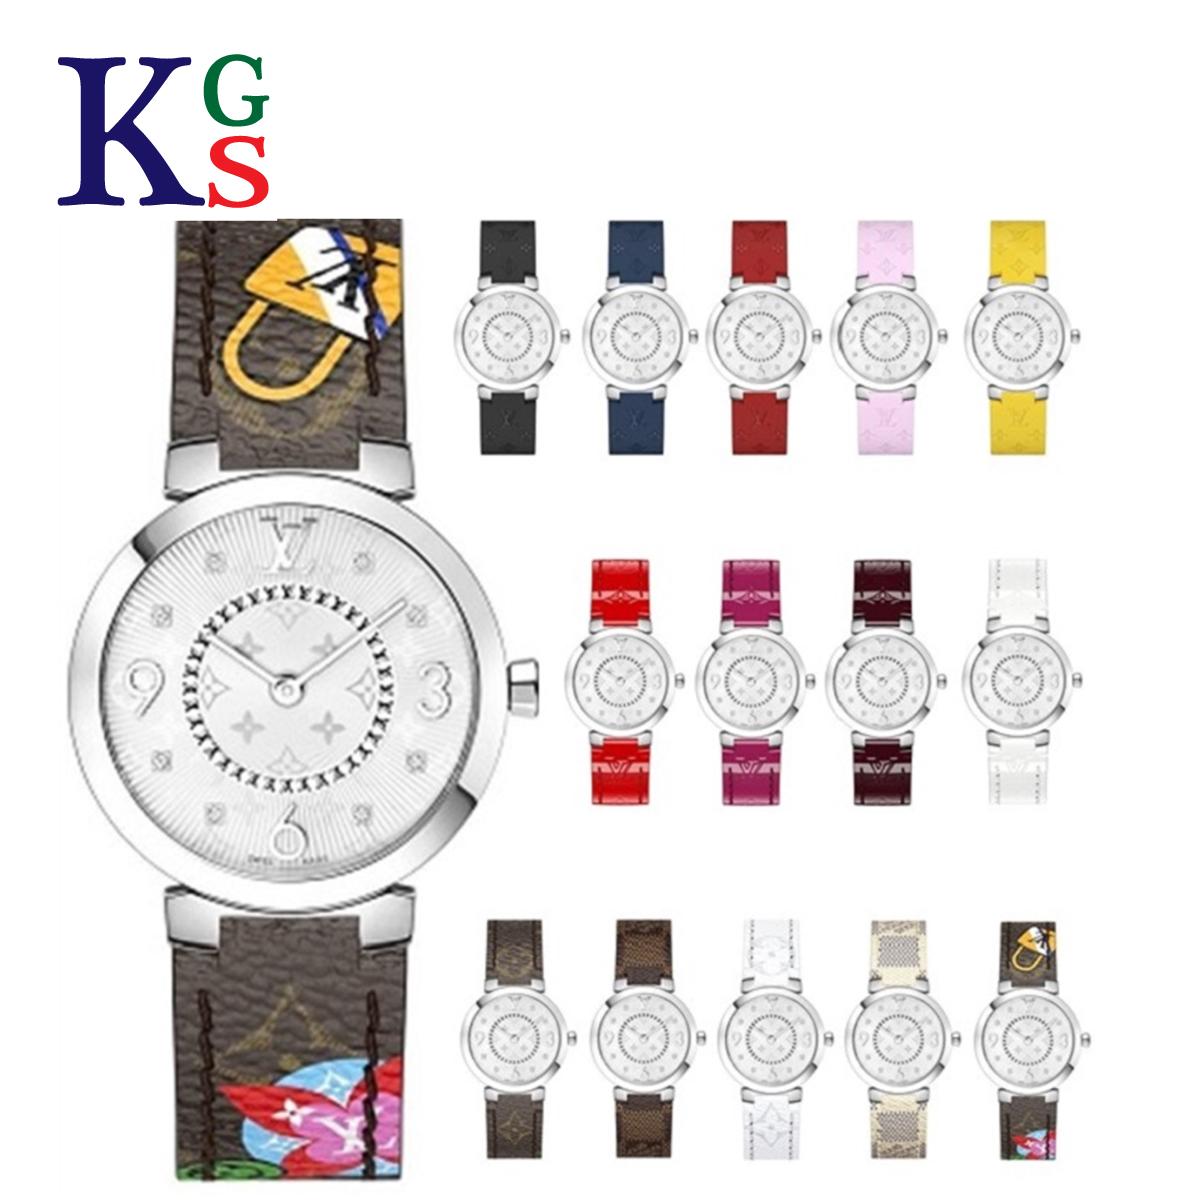 【ギフト品質】【現行品】ルイヴィトン/Louis Vuitton レディース 腕時計 タンブール スリム PM 28 8Pダイヤインデックス クオーツ 50m防水 Q12MGZ